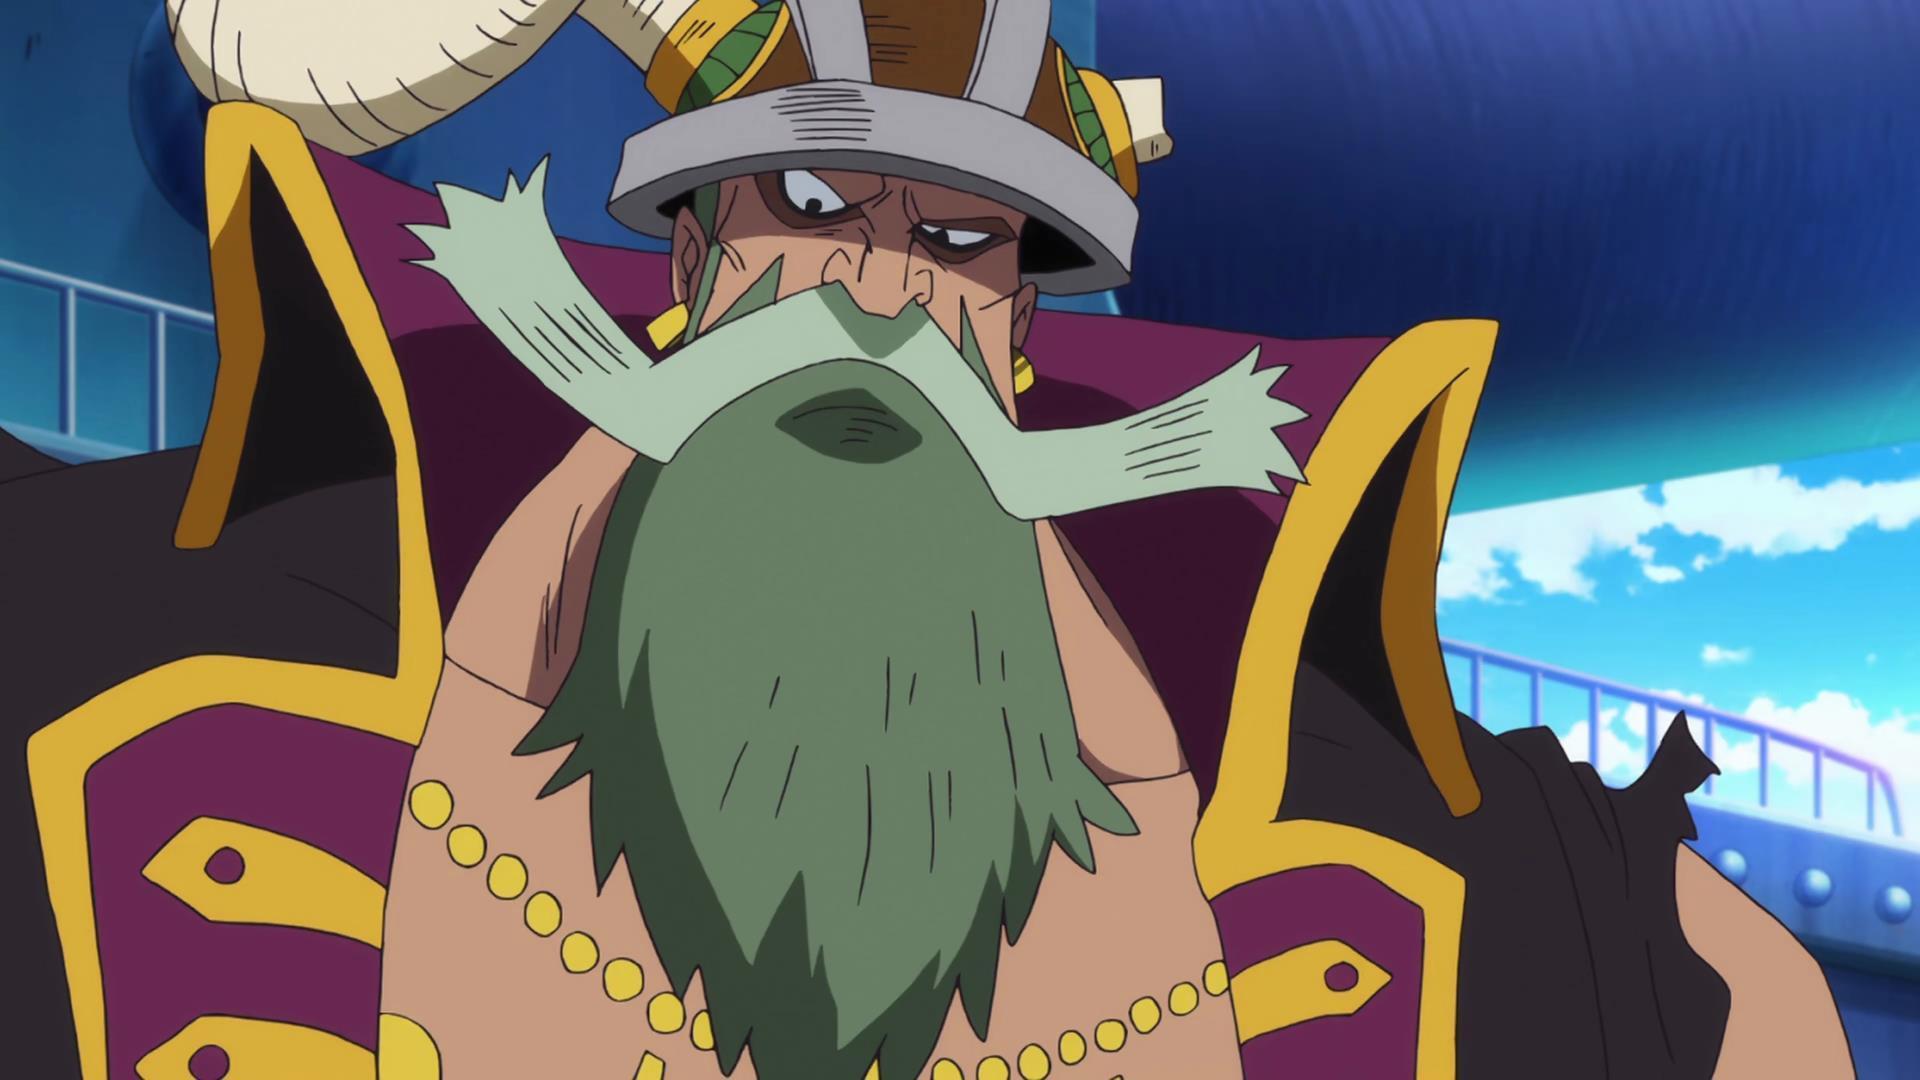 海賊王中使用月步的6位高手,CP0中有三位,山治無師自通